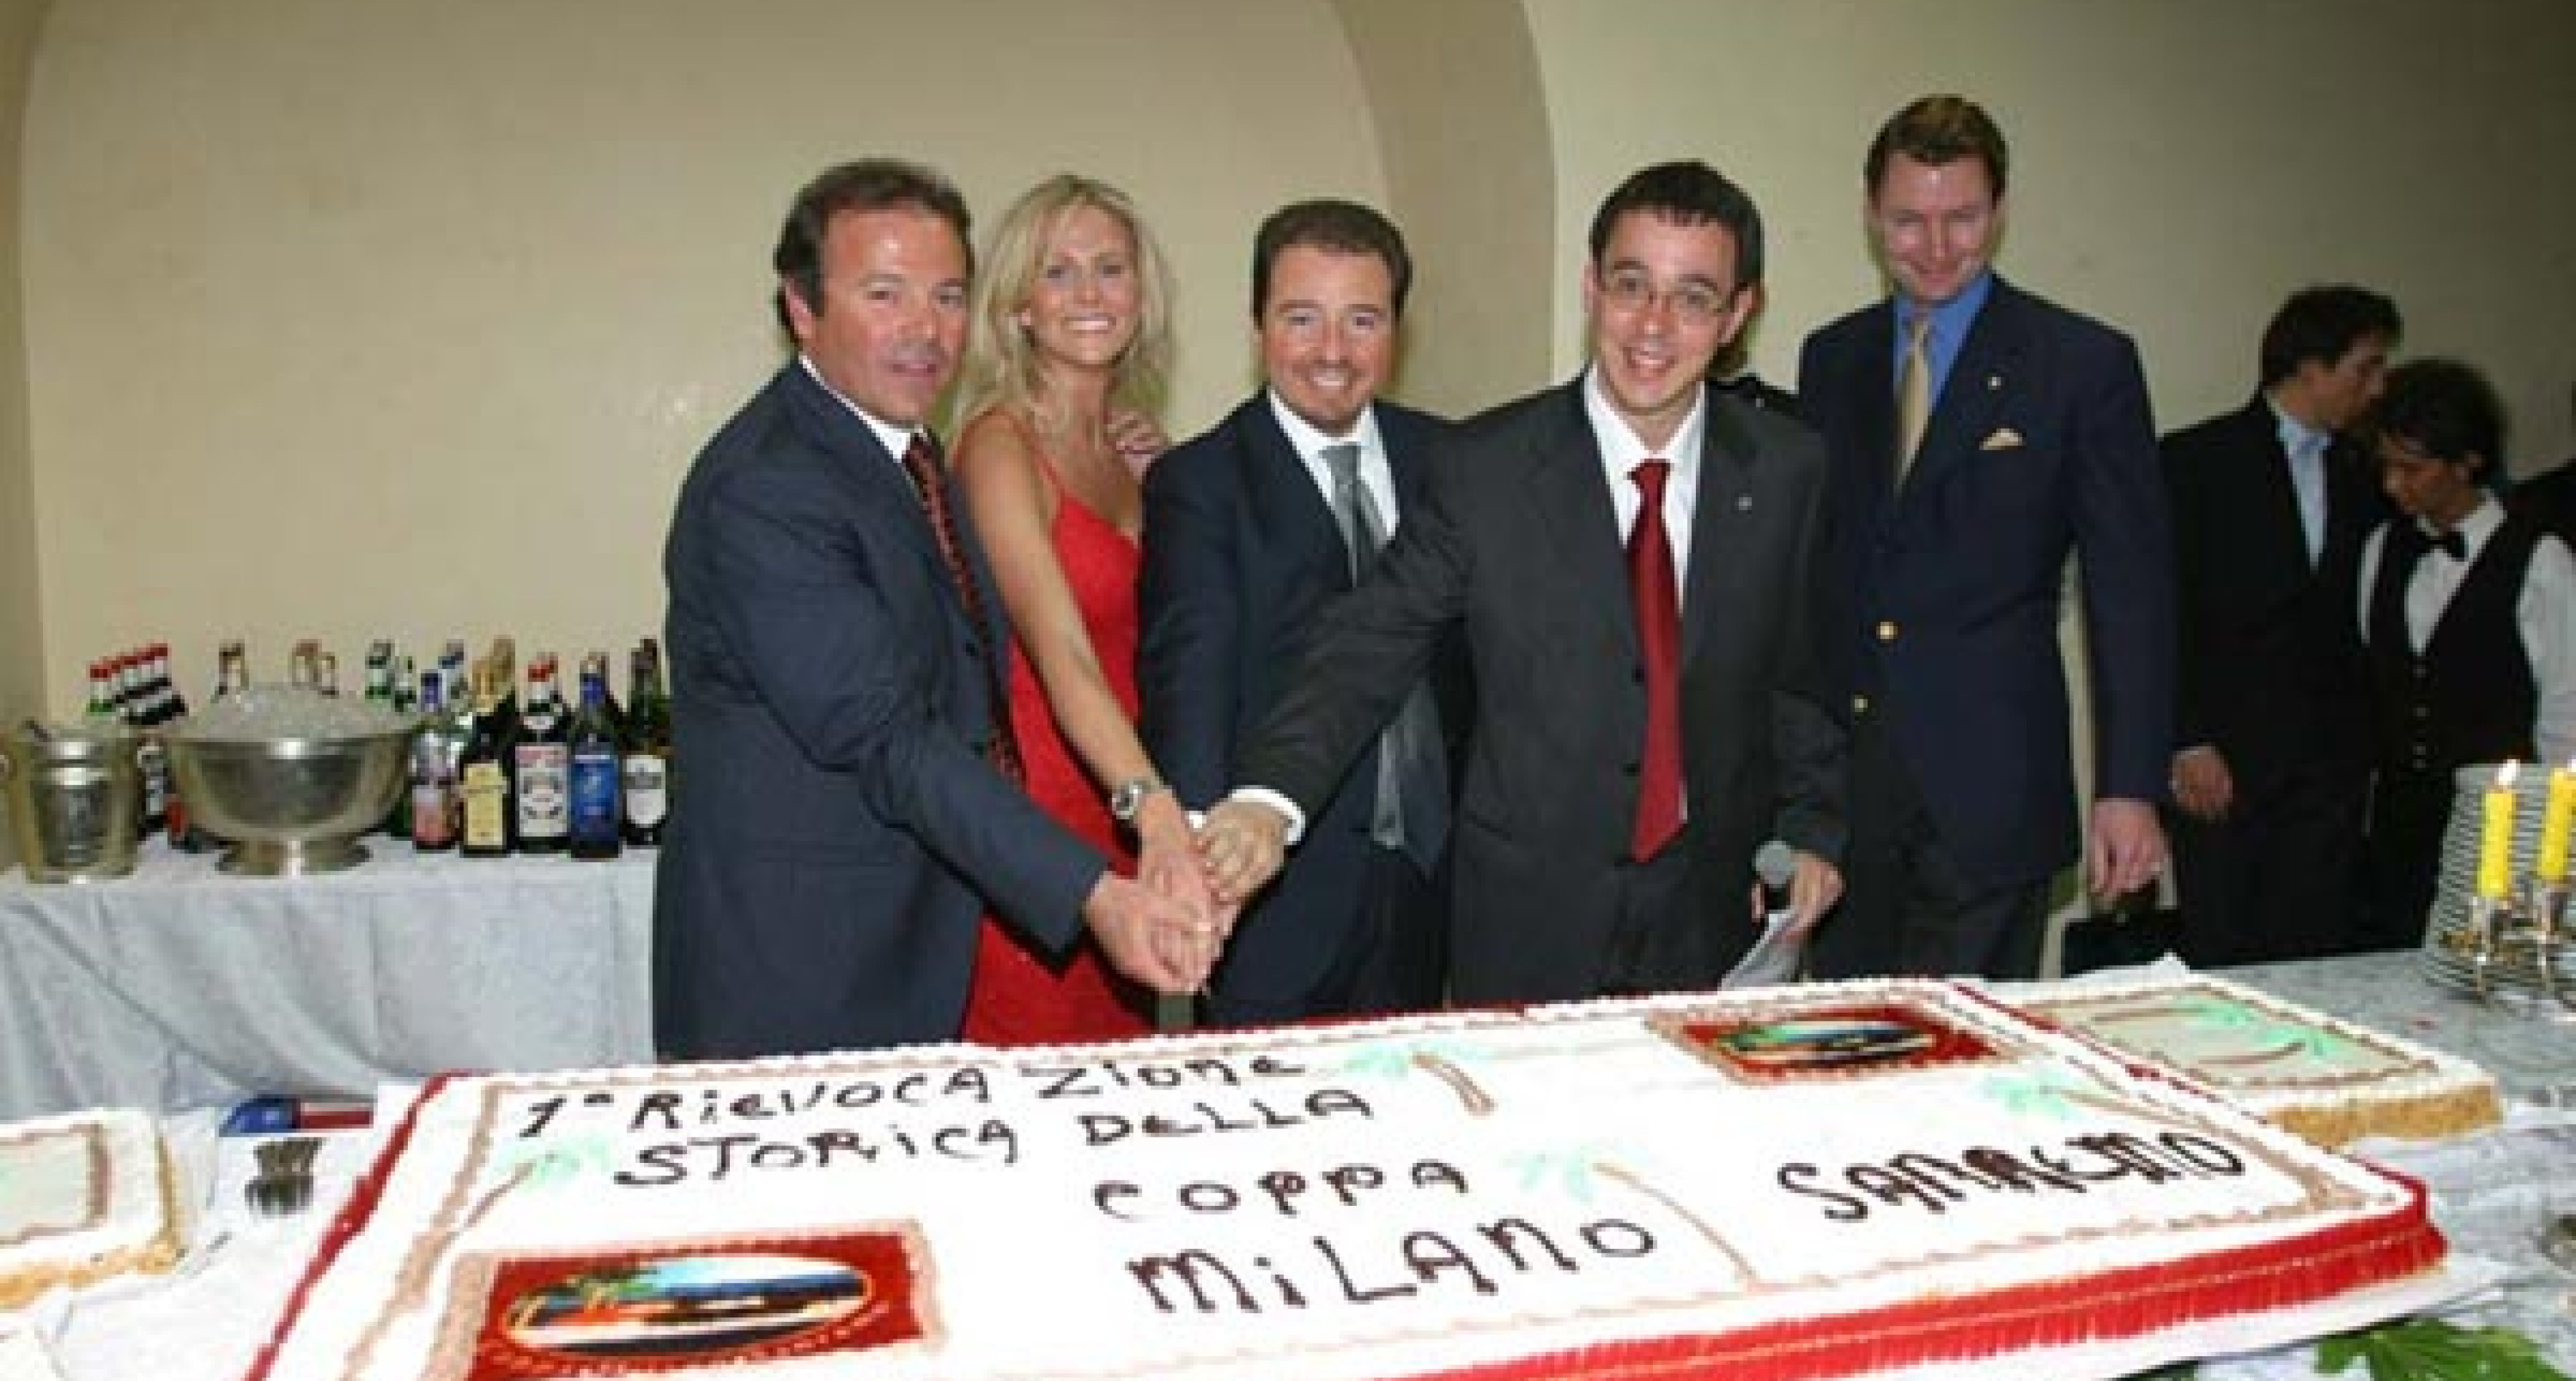 Coppa Milano-Sanremo – March 2004